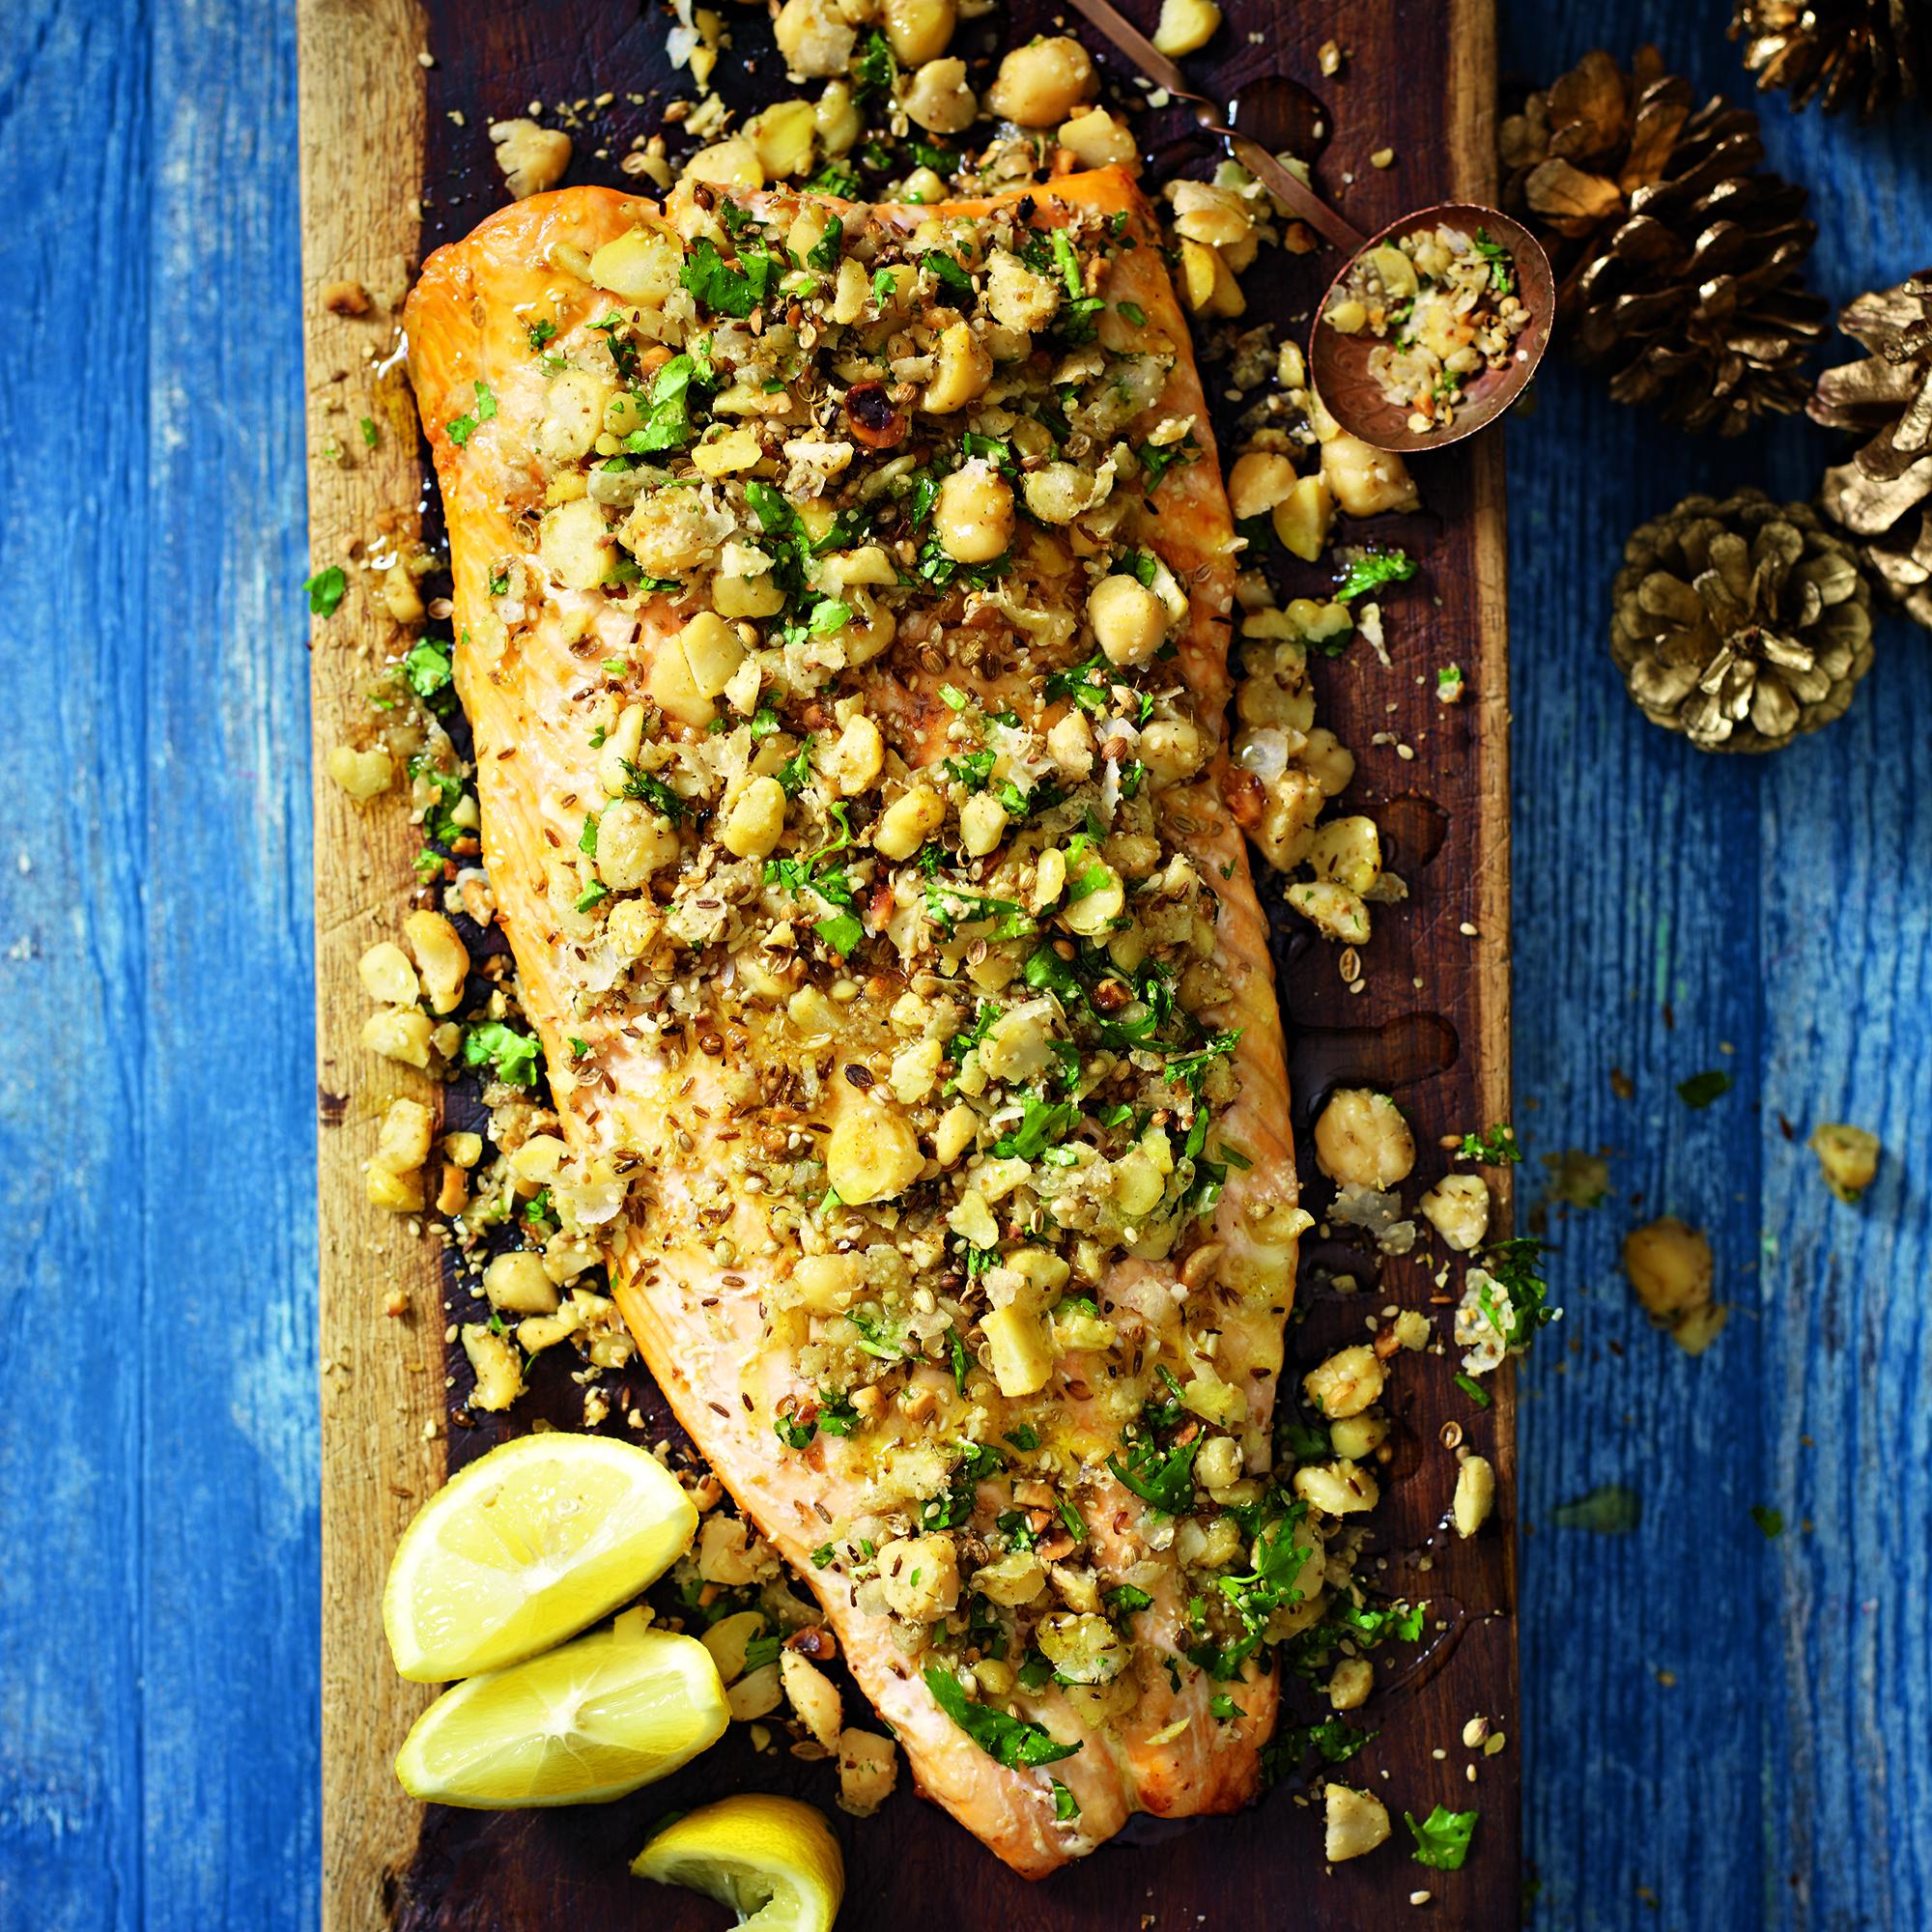 Roast Salmon With Chickpea Dukkah